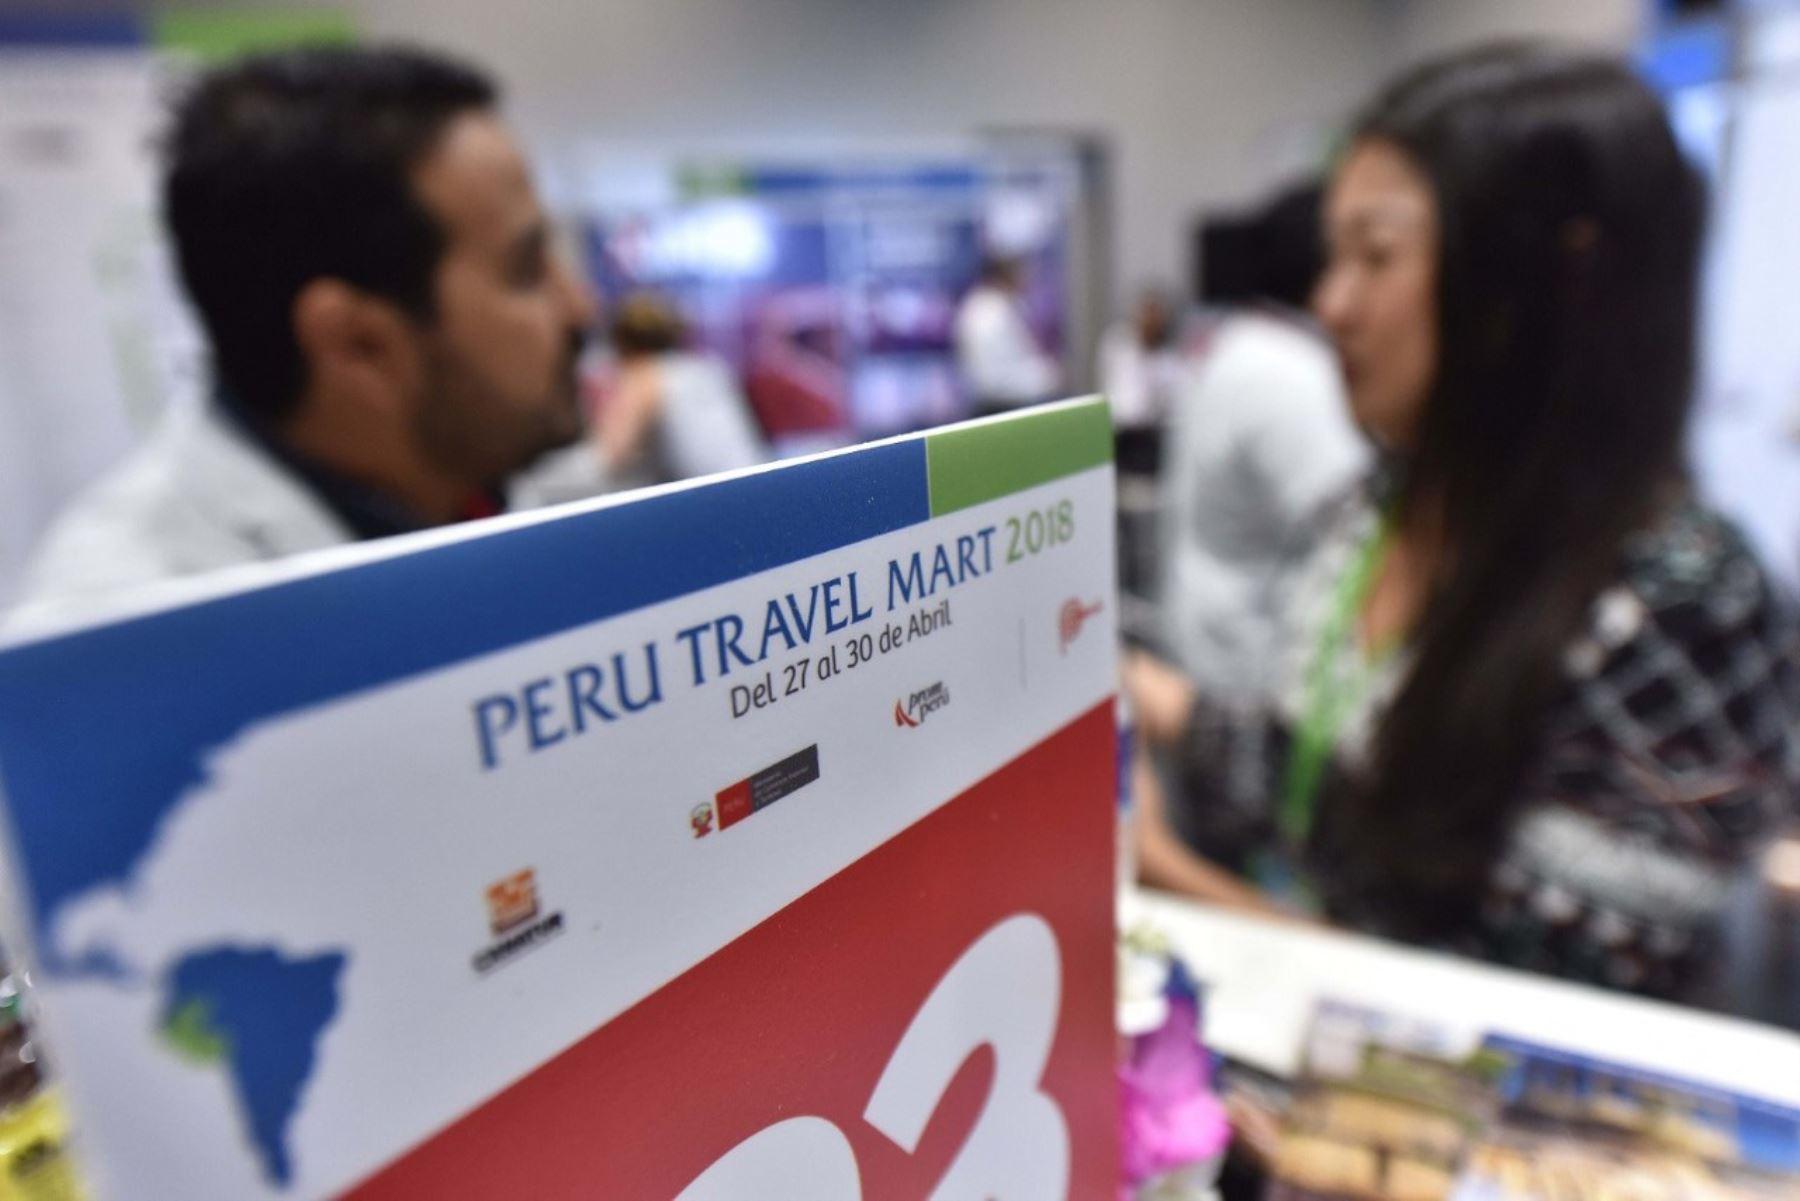 en el marco de la 26 edición del Perú Travel Mart (PTM) 2019, la principal bolsa de negociación turística del país, organizada por Canatur y Promperú, que se realizará del 17 al 20 de mayo,